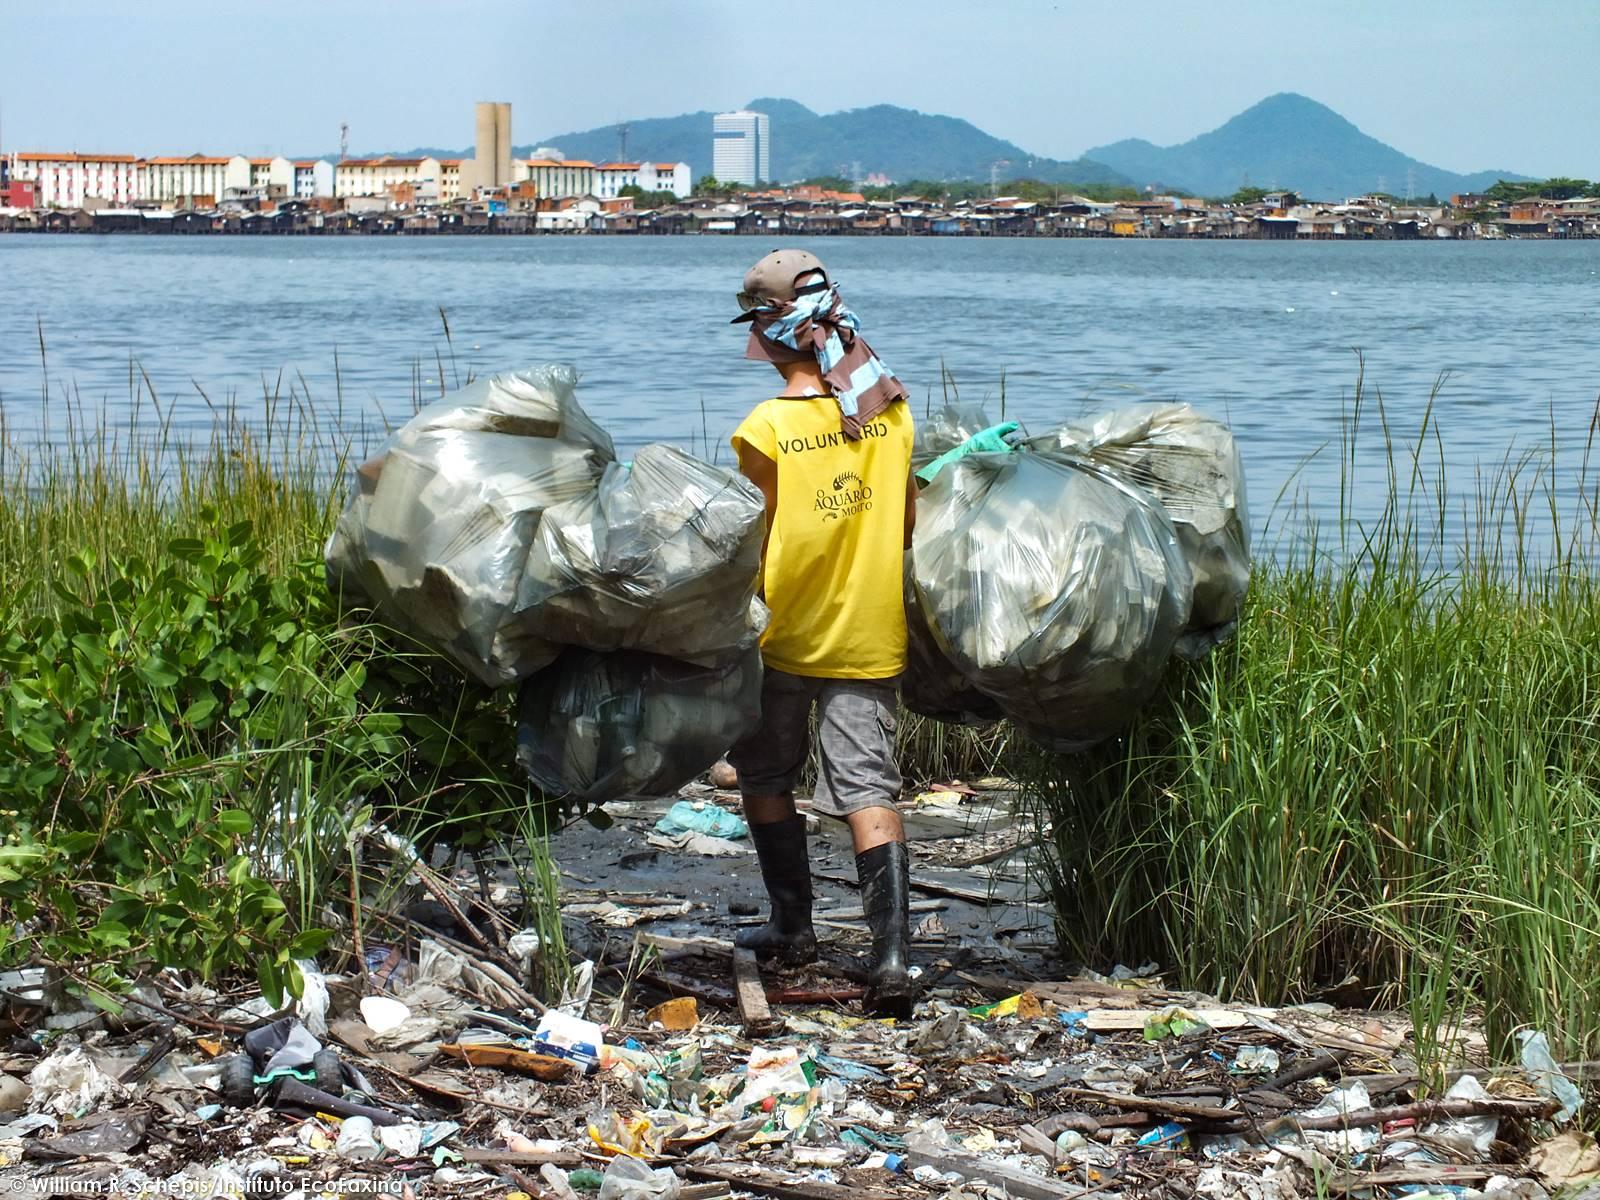 Voluntário carrega sacos com isopor e plástico. Ao fundo, uma favela de palafitas.